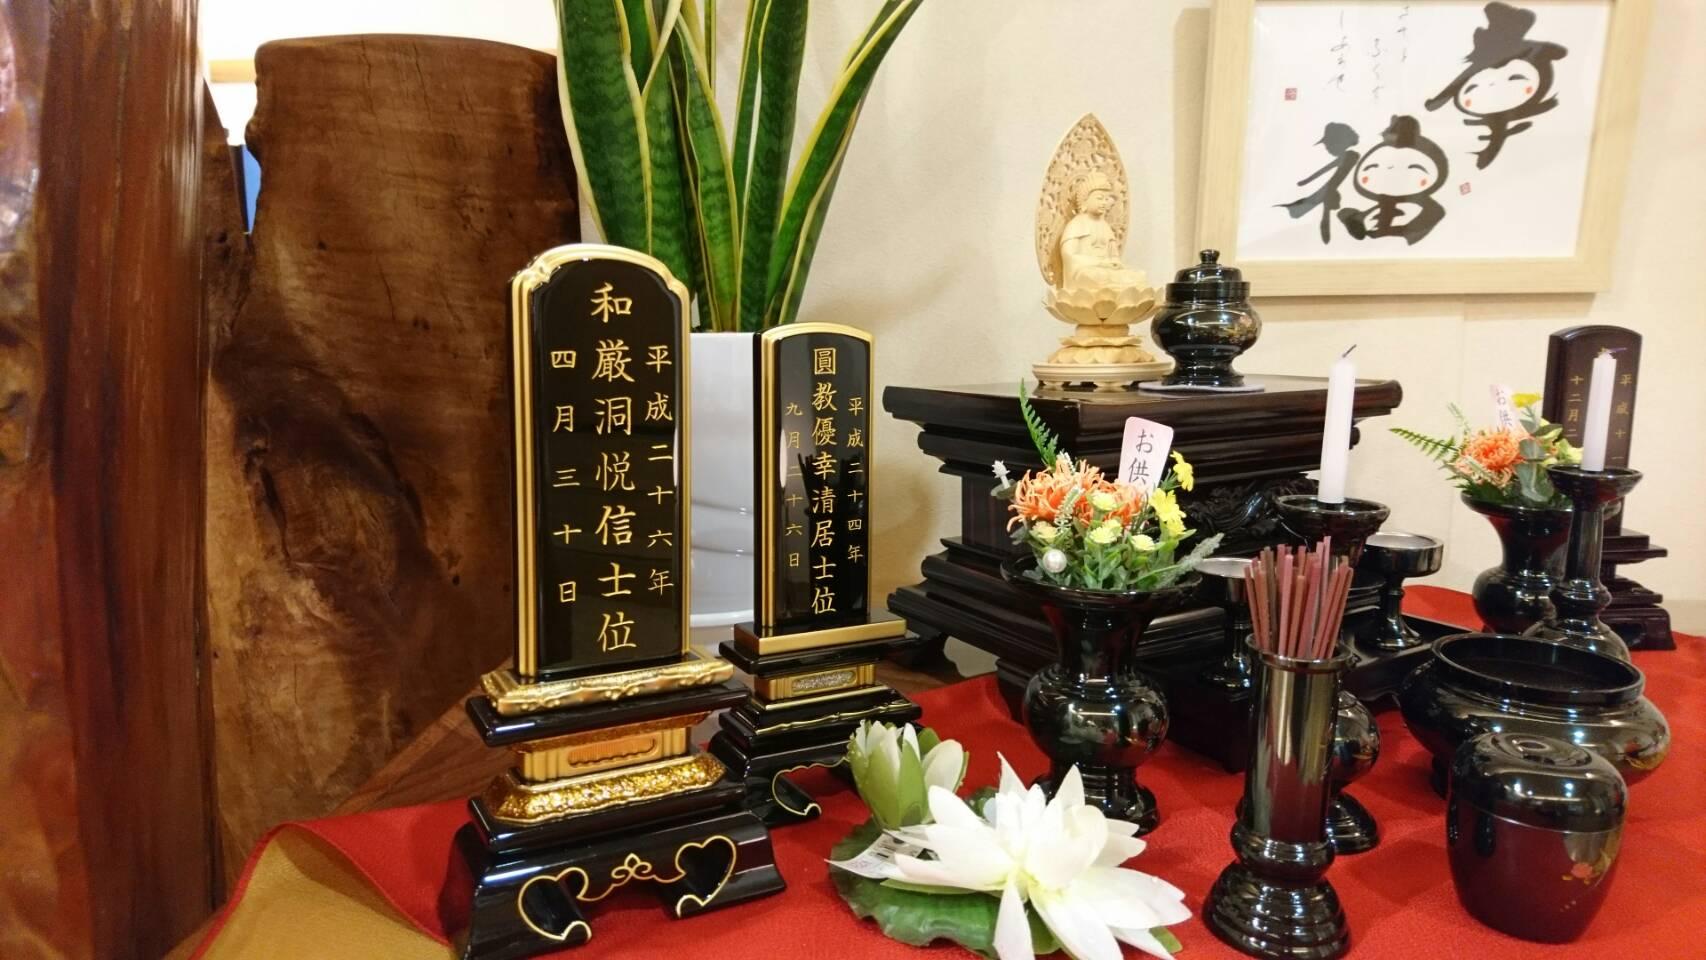 ふくば 福島 仏壇 写真ギャラリー画像3